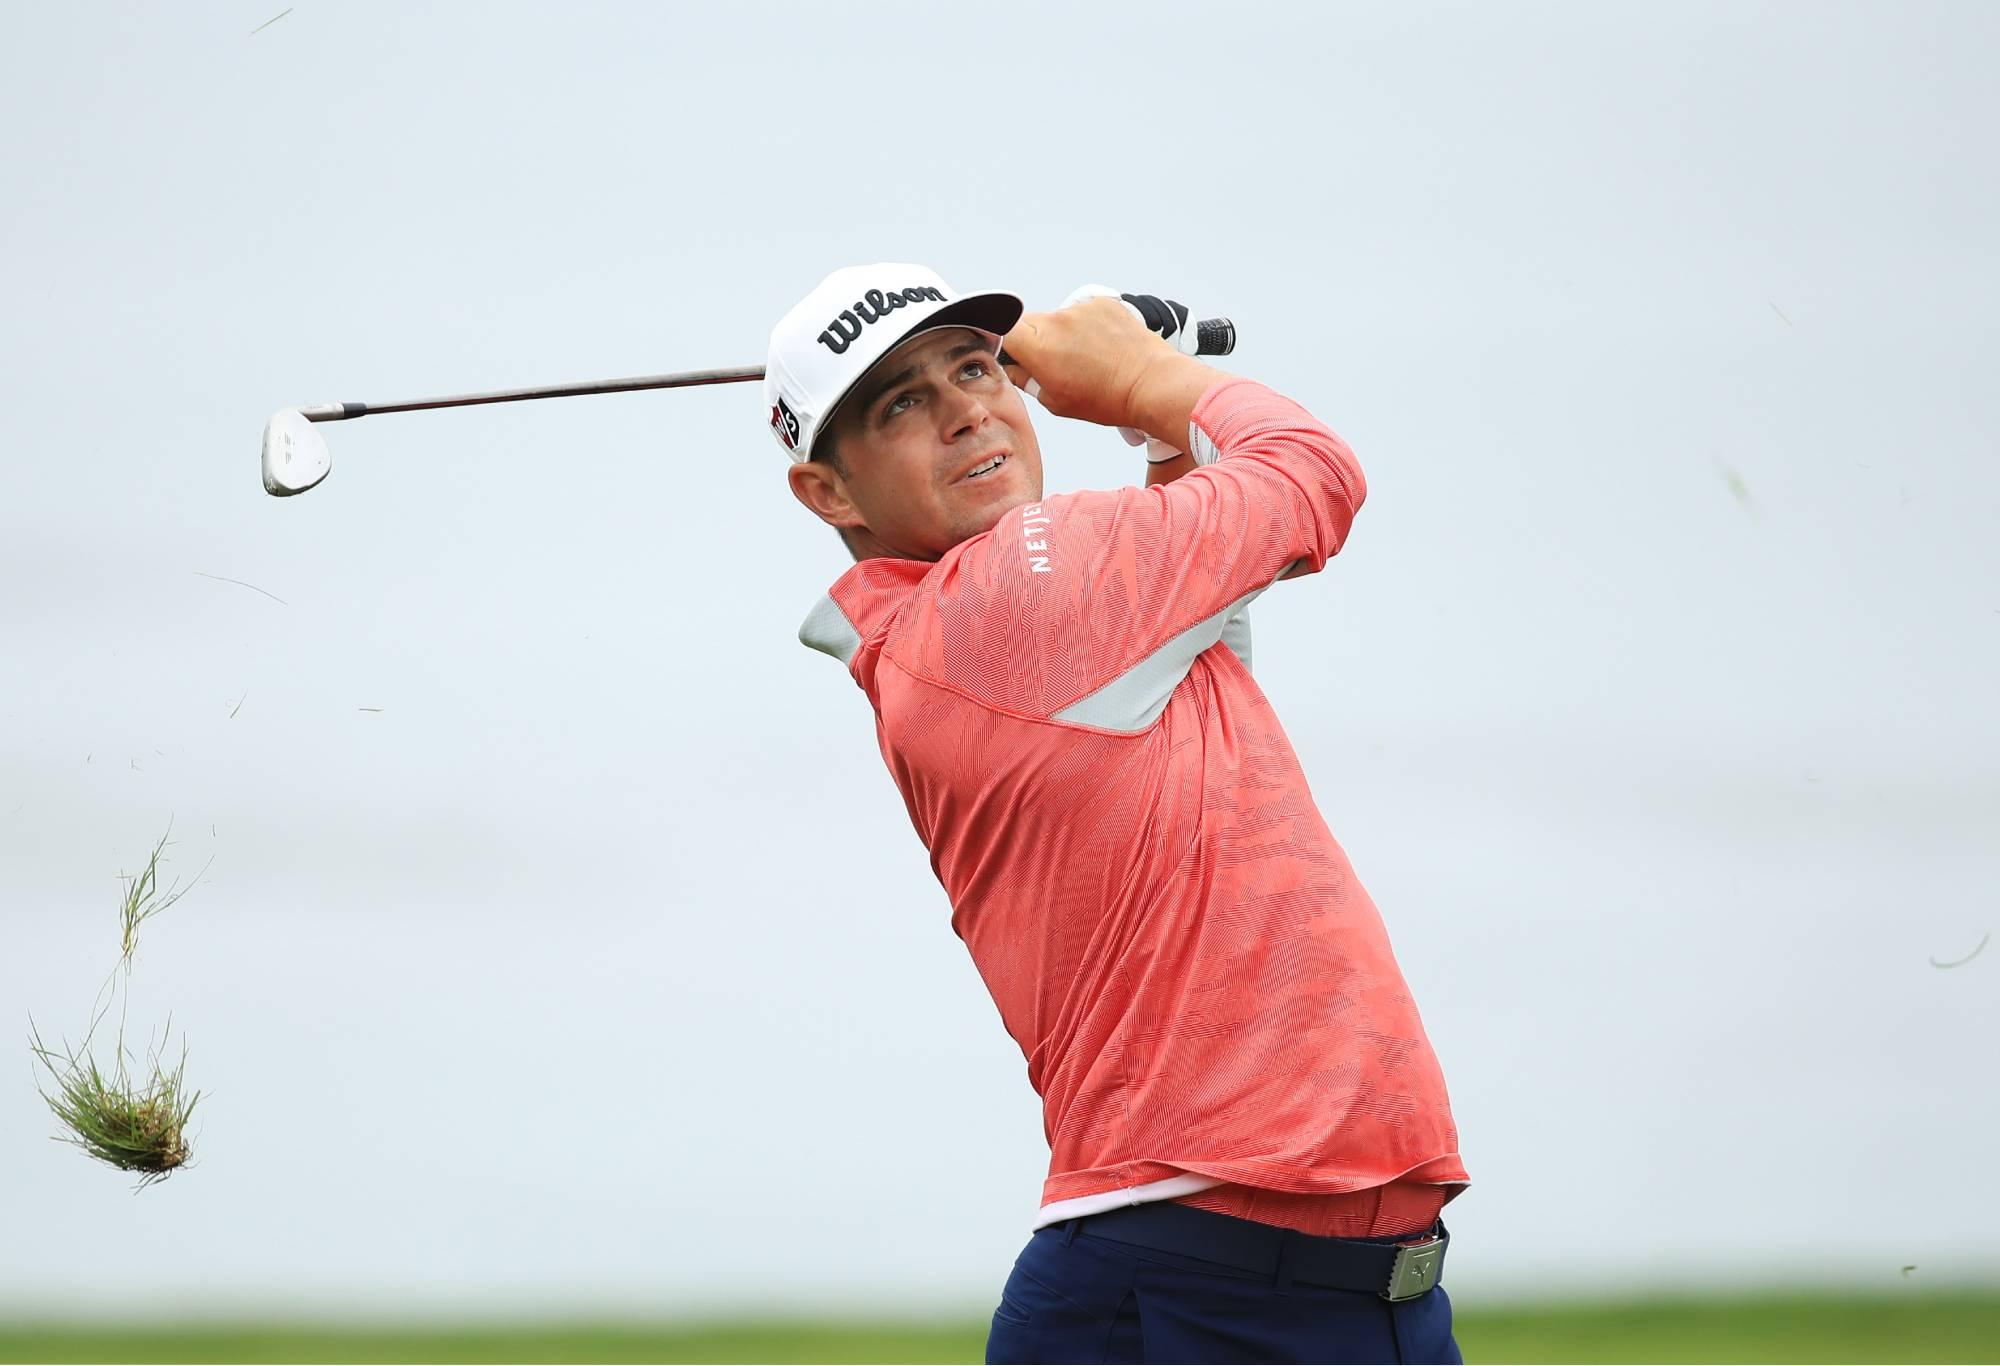 American golfer Gary Woodland